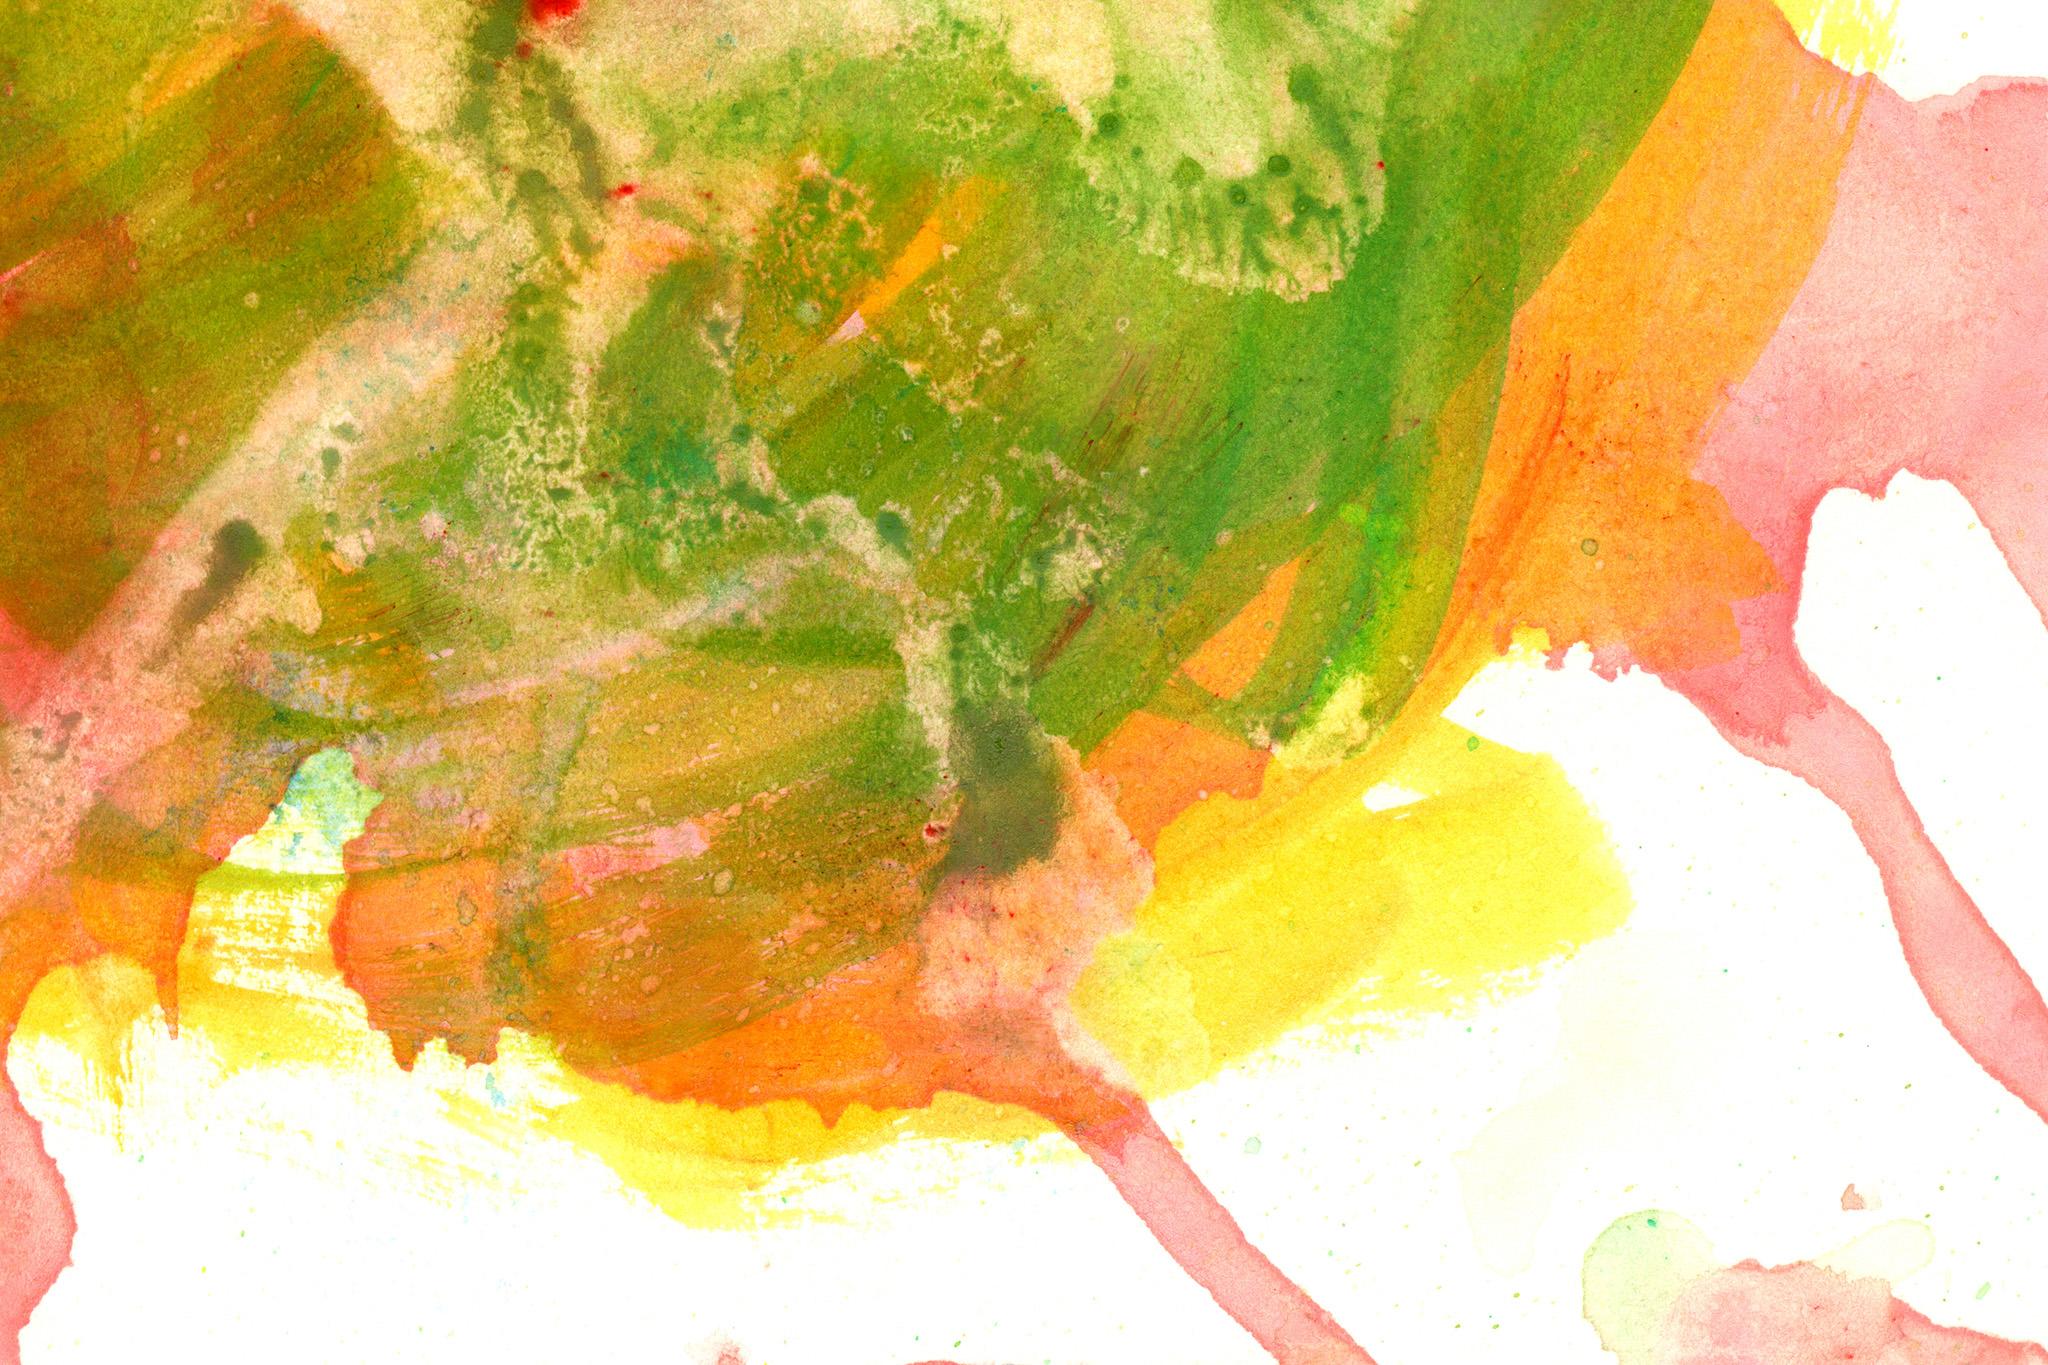 「赤緑黄の重ね塗りした水彩」